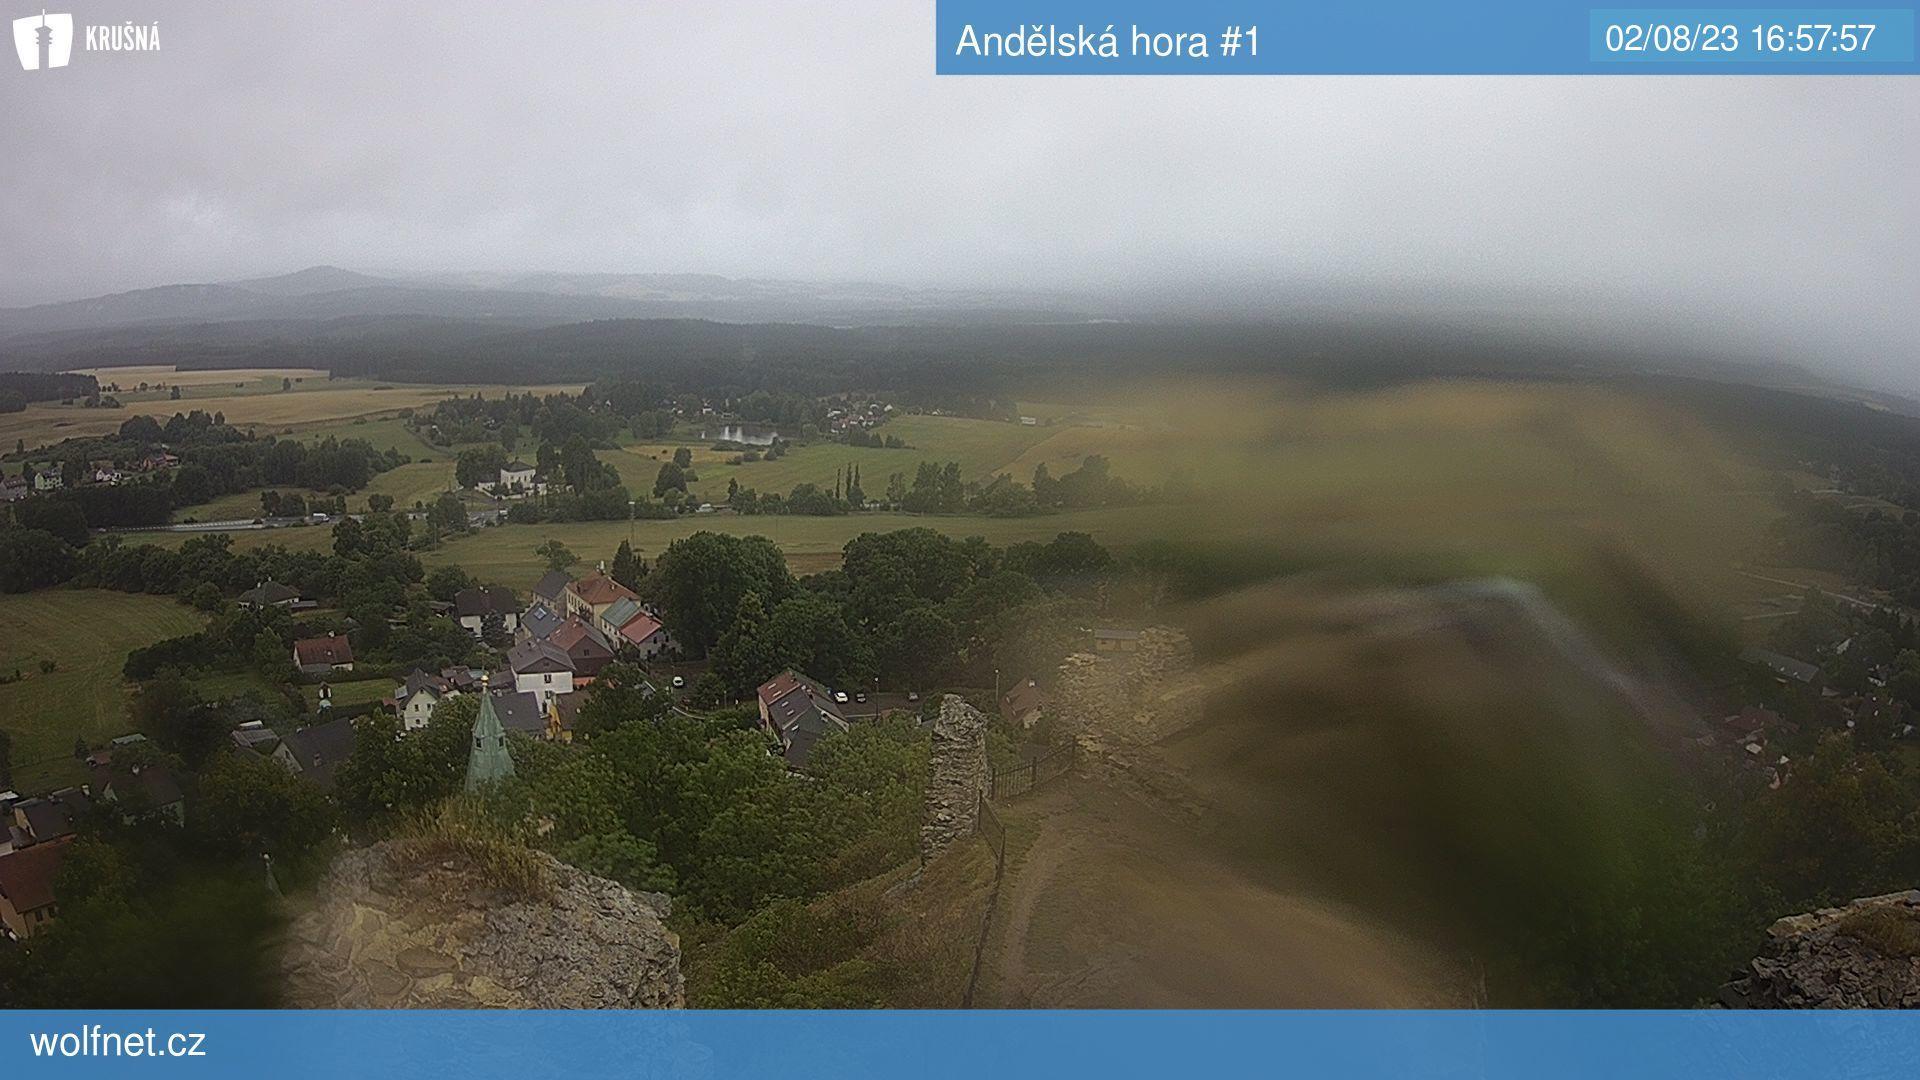 Webkamera Andělská hora #1